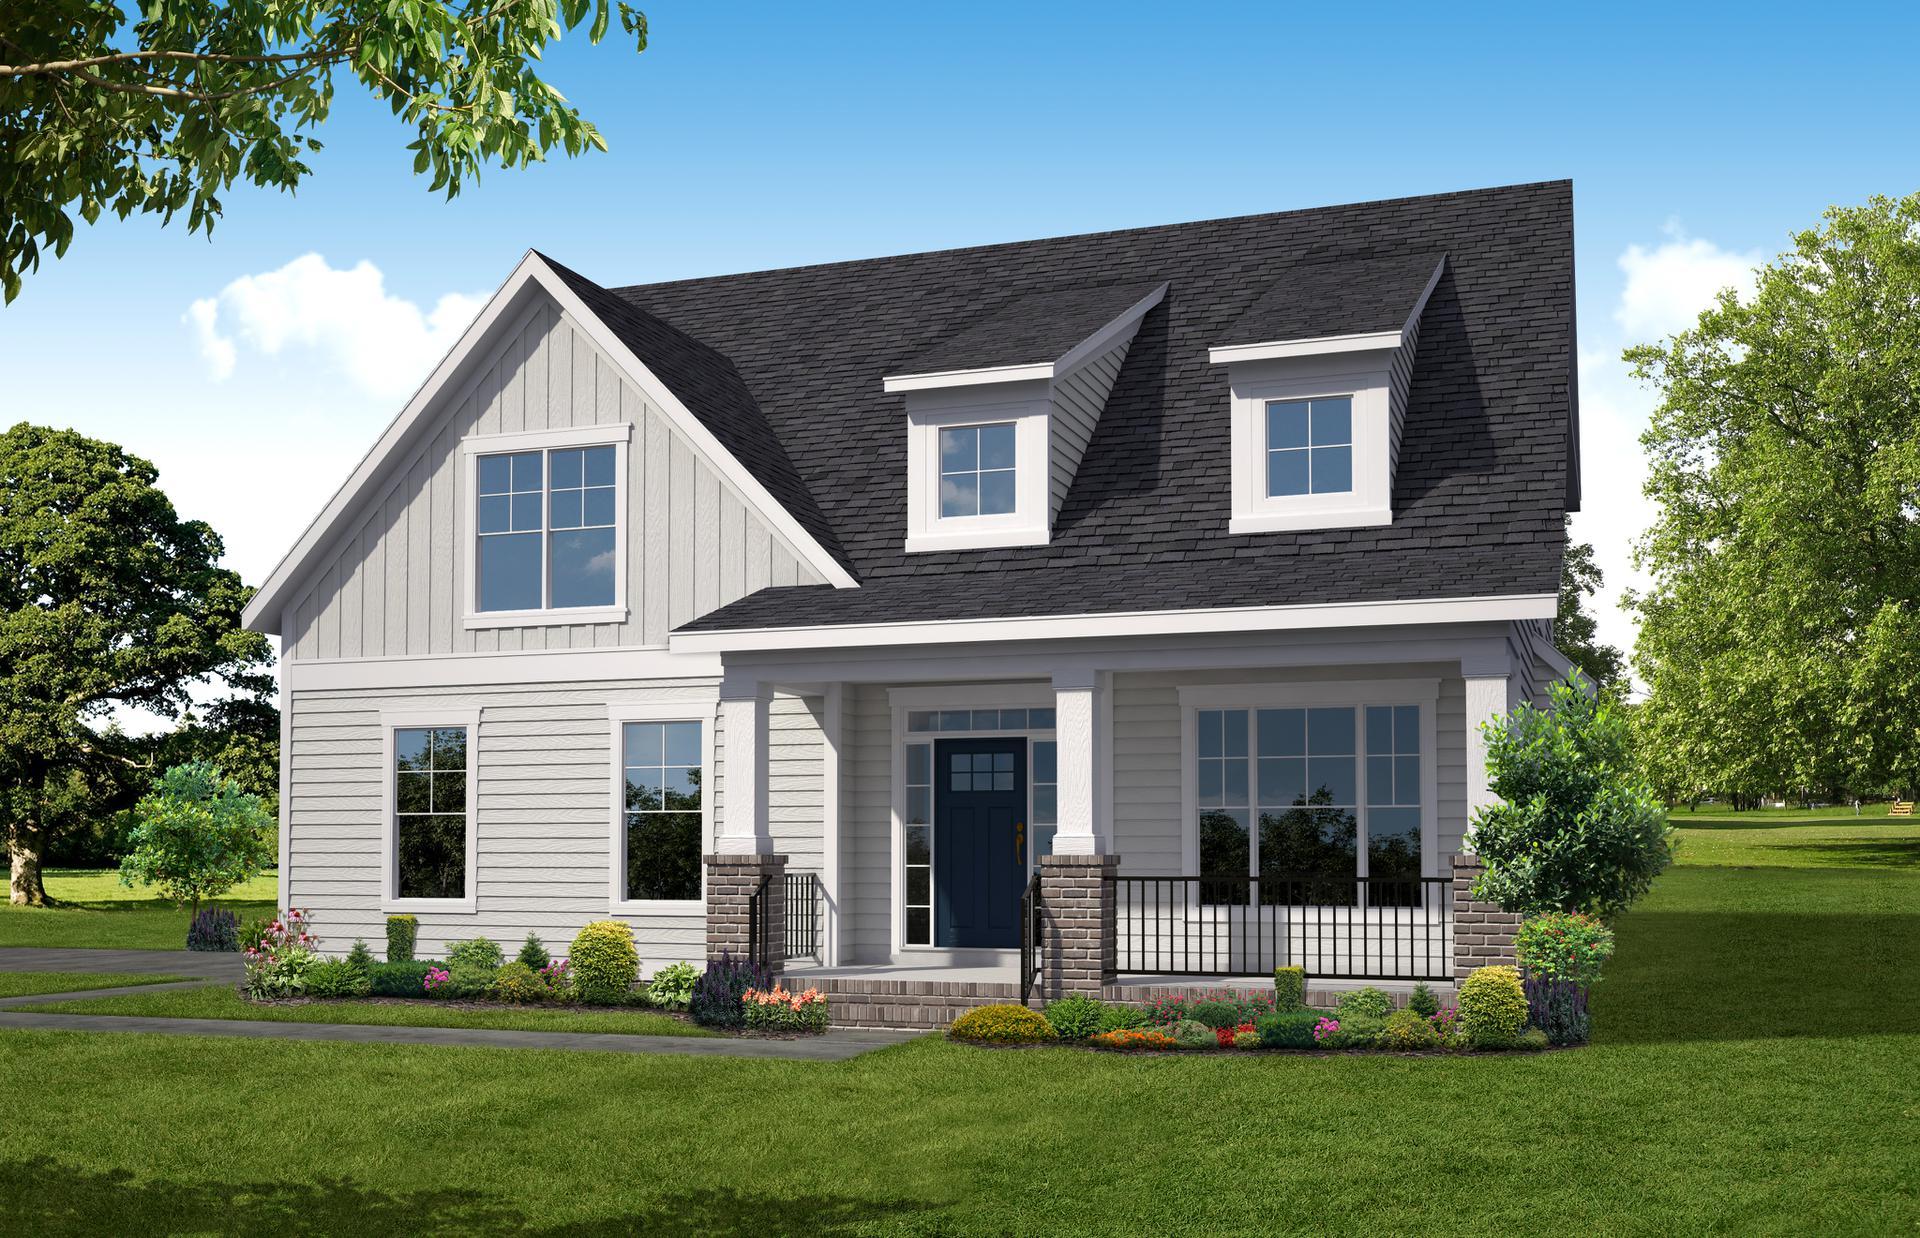 The Carlisle new home in Smithfield VA